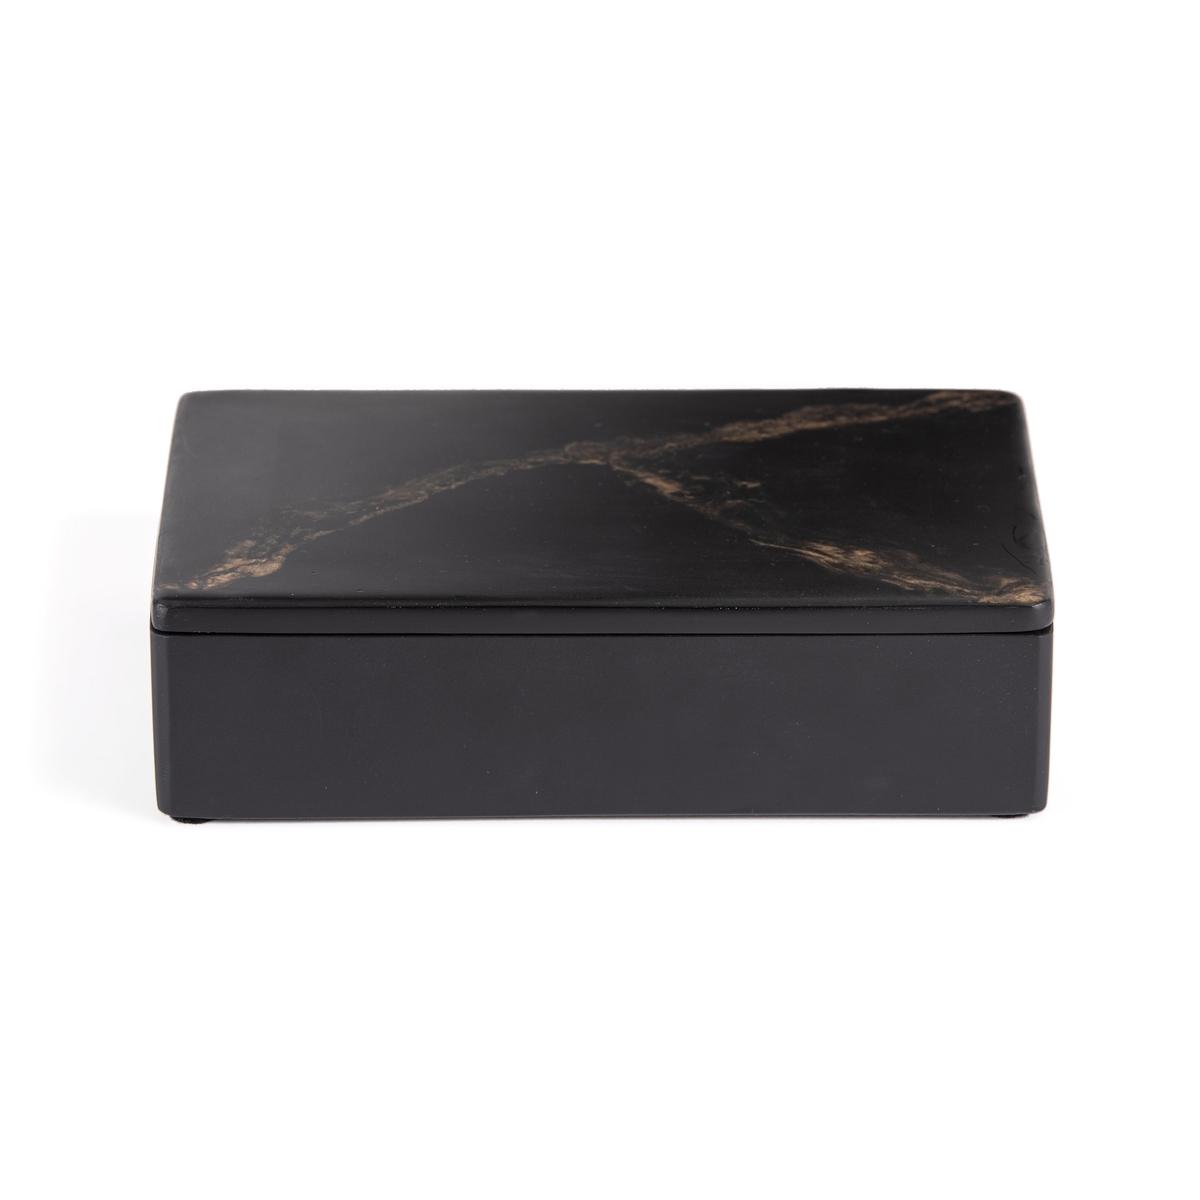 Коробка La Redoute Из пластика с эффектом мрамора большая модель Ogama единый размер черный зеркало la redoute с мозаичным эффектом большая модель kagami единый размер другие